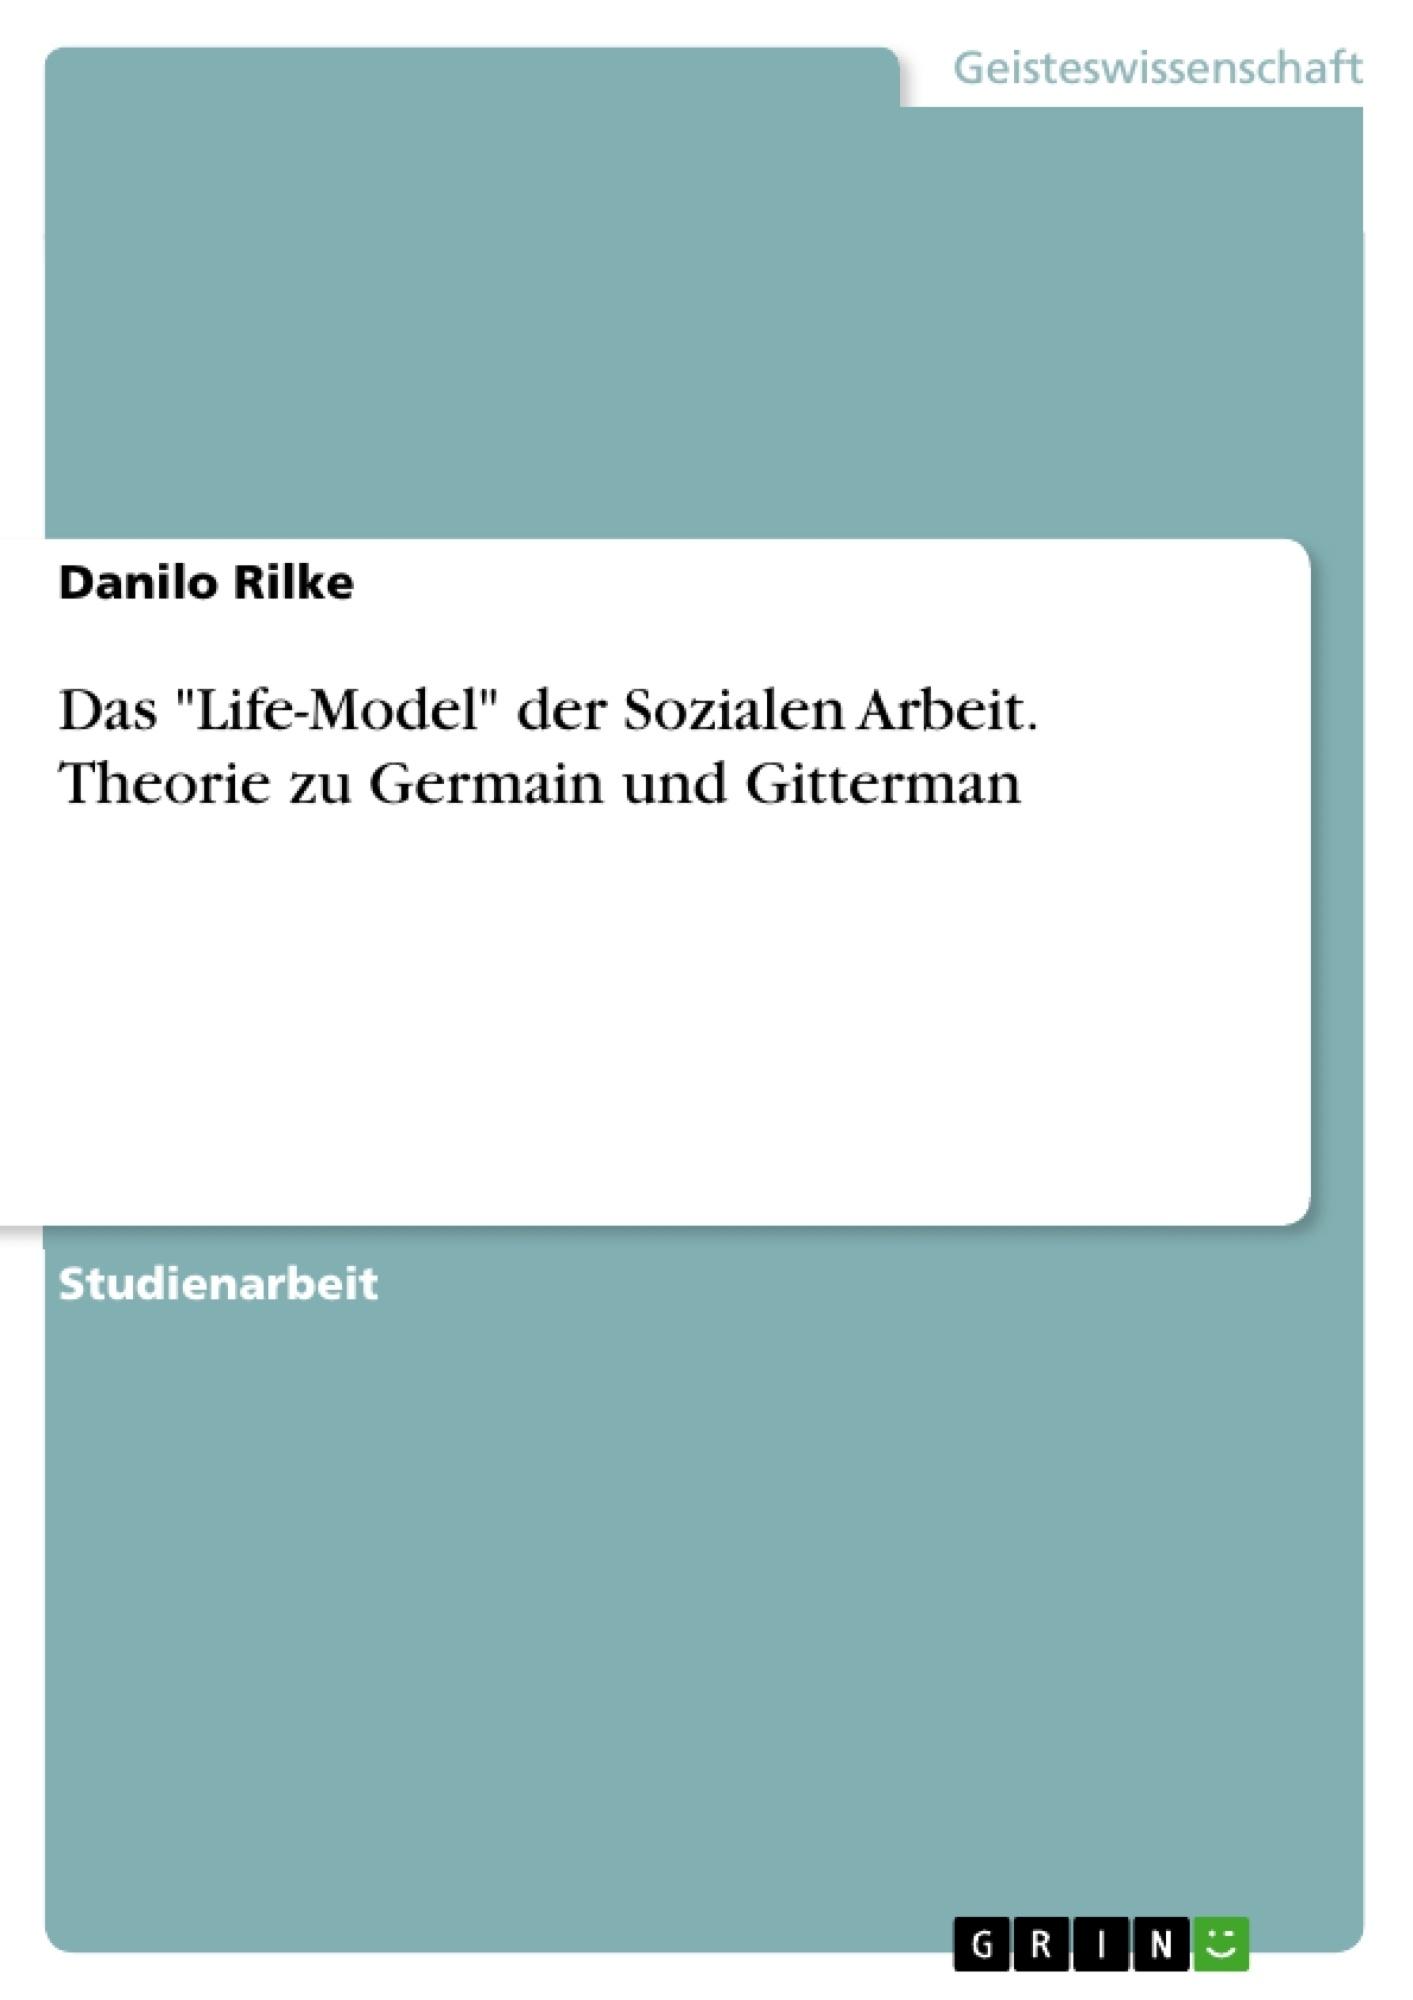 """Titel: Das """"Life-Model"""" der Sozialen Arbeit. Theorie zu Germain und Gitterman"""